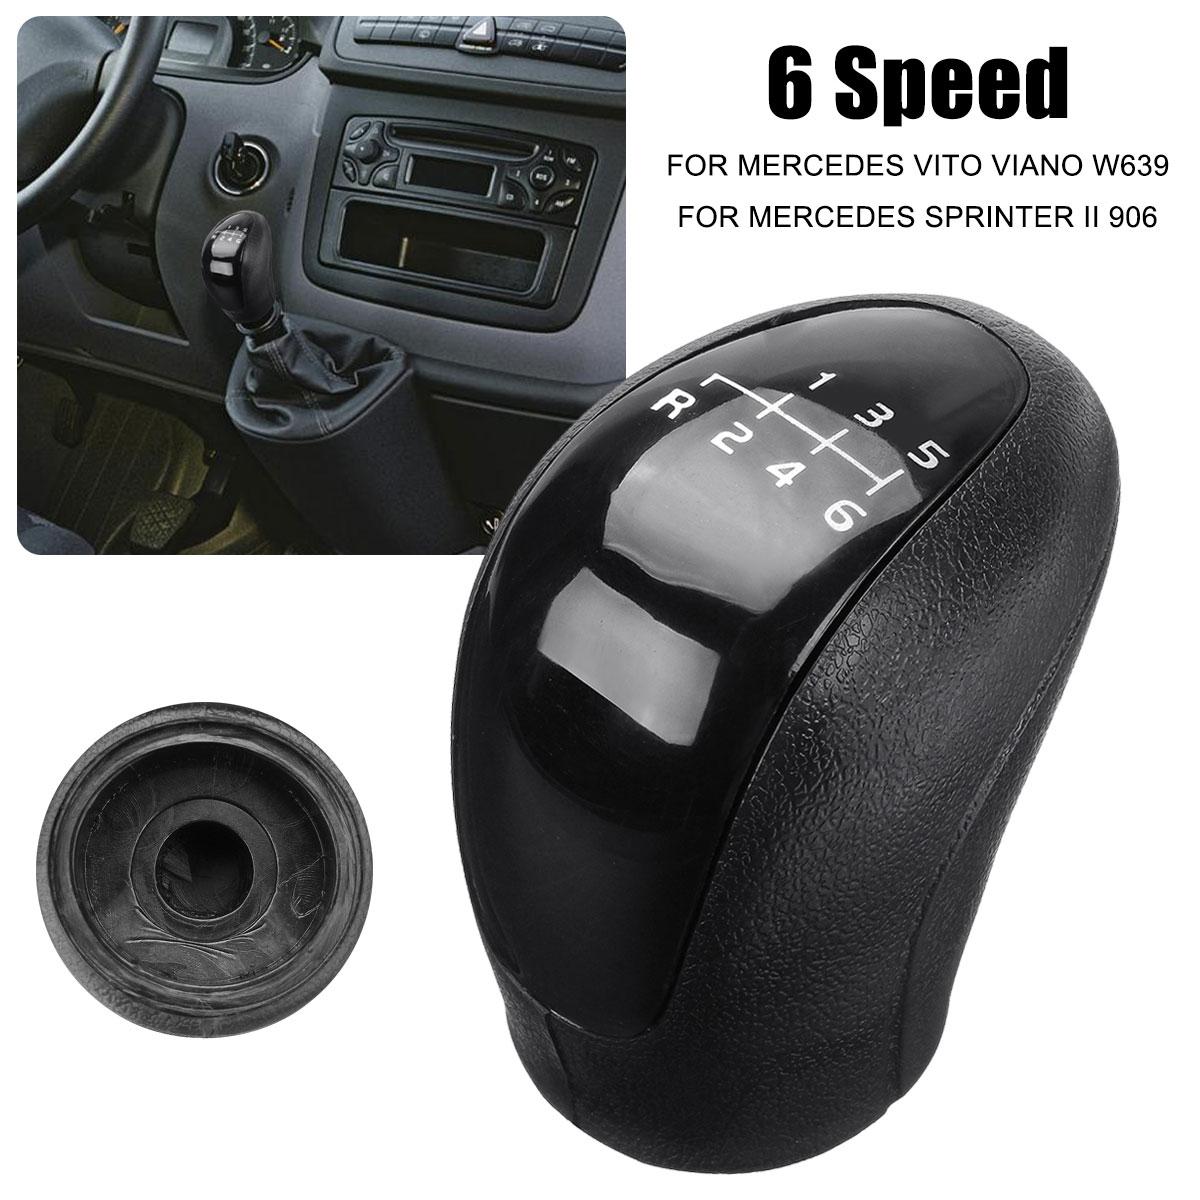 6 מהירות רכב Gear Shift Knob ראש כיסוי שיפטר מנוף מקל עבור מרצדס ויטו ויאנו אצן השני/פולקסווגן- בעל מלאכה